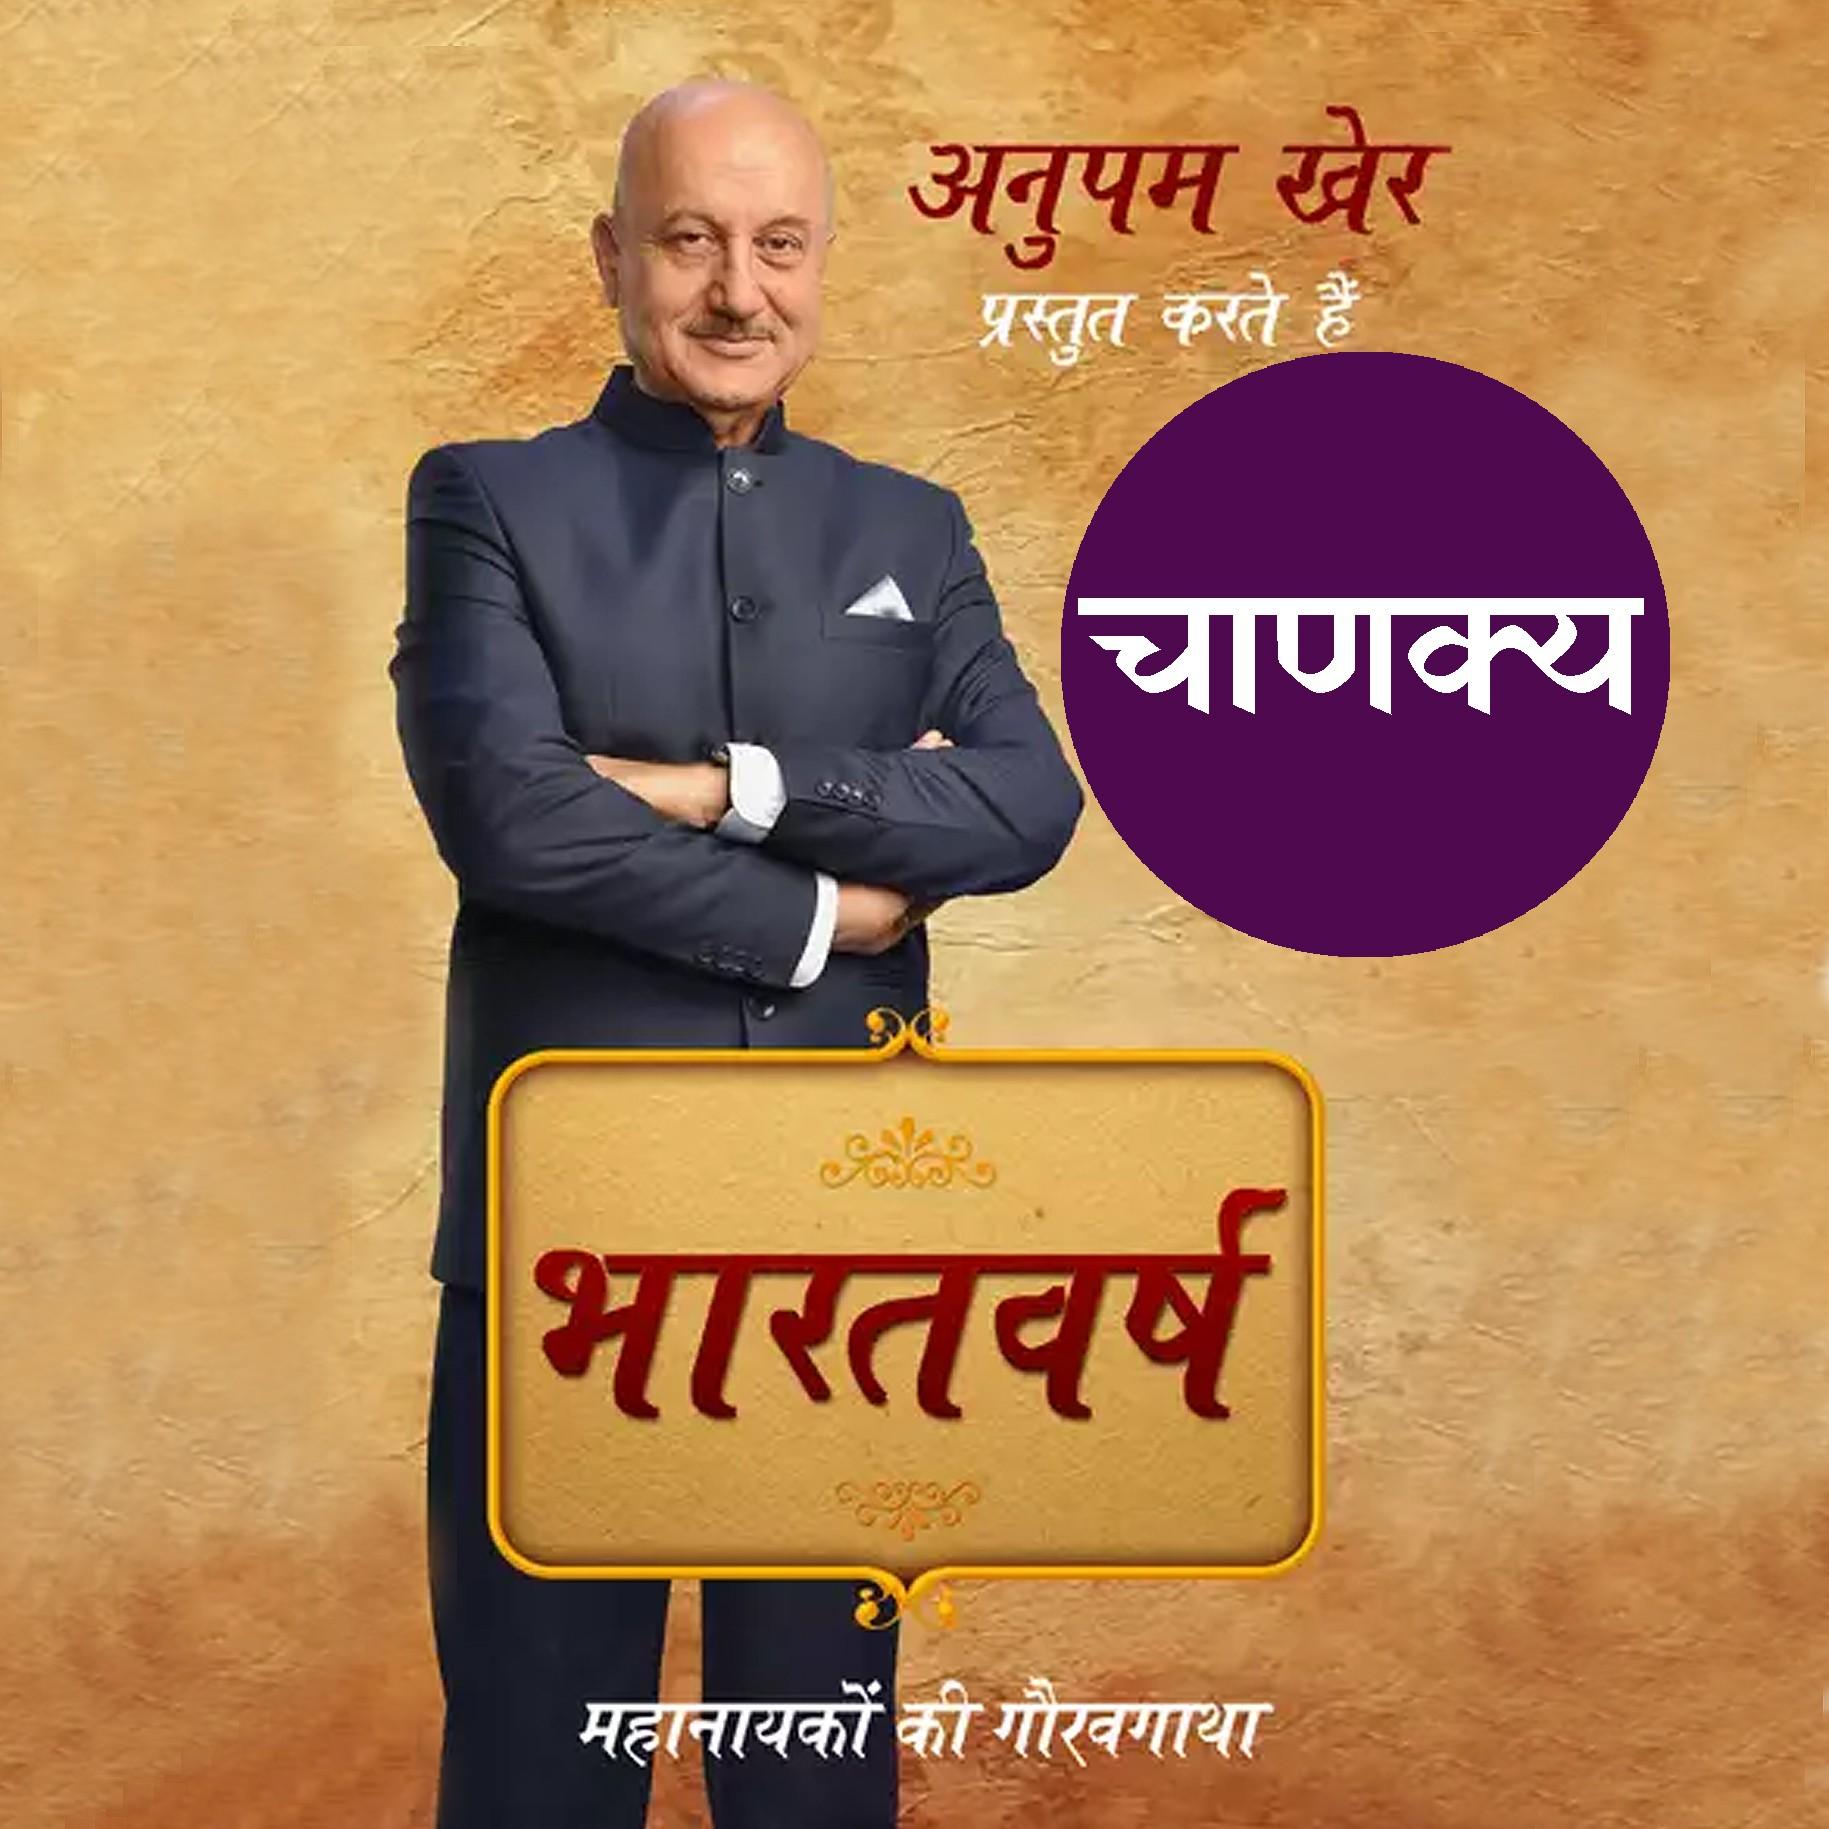 अनुपम खेर प्रस्तुत करते हैं भारतवर्ष: चाणक्य |